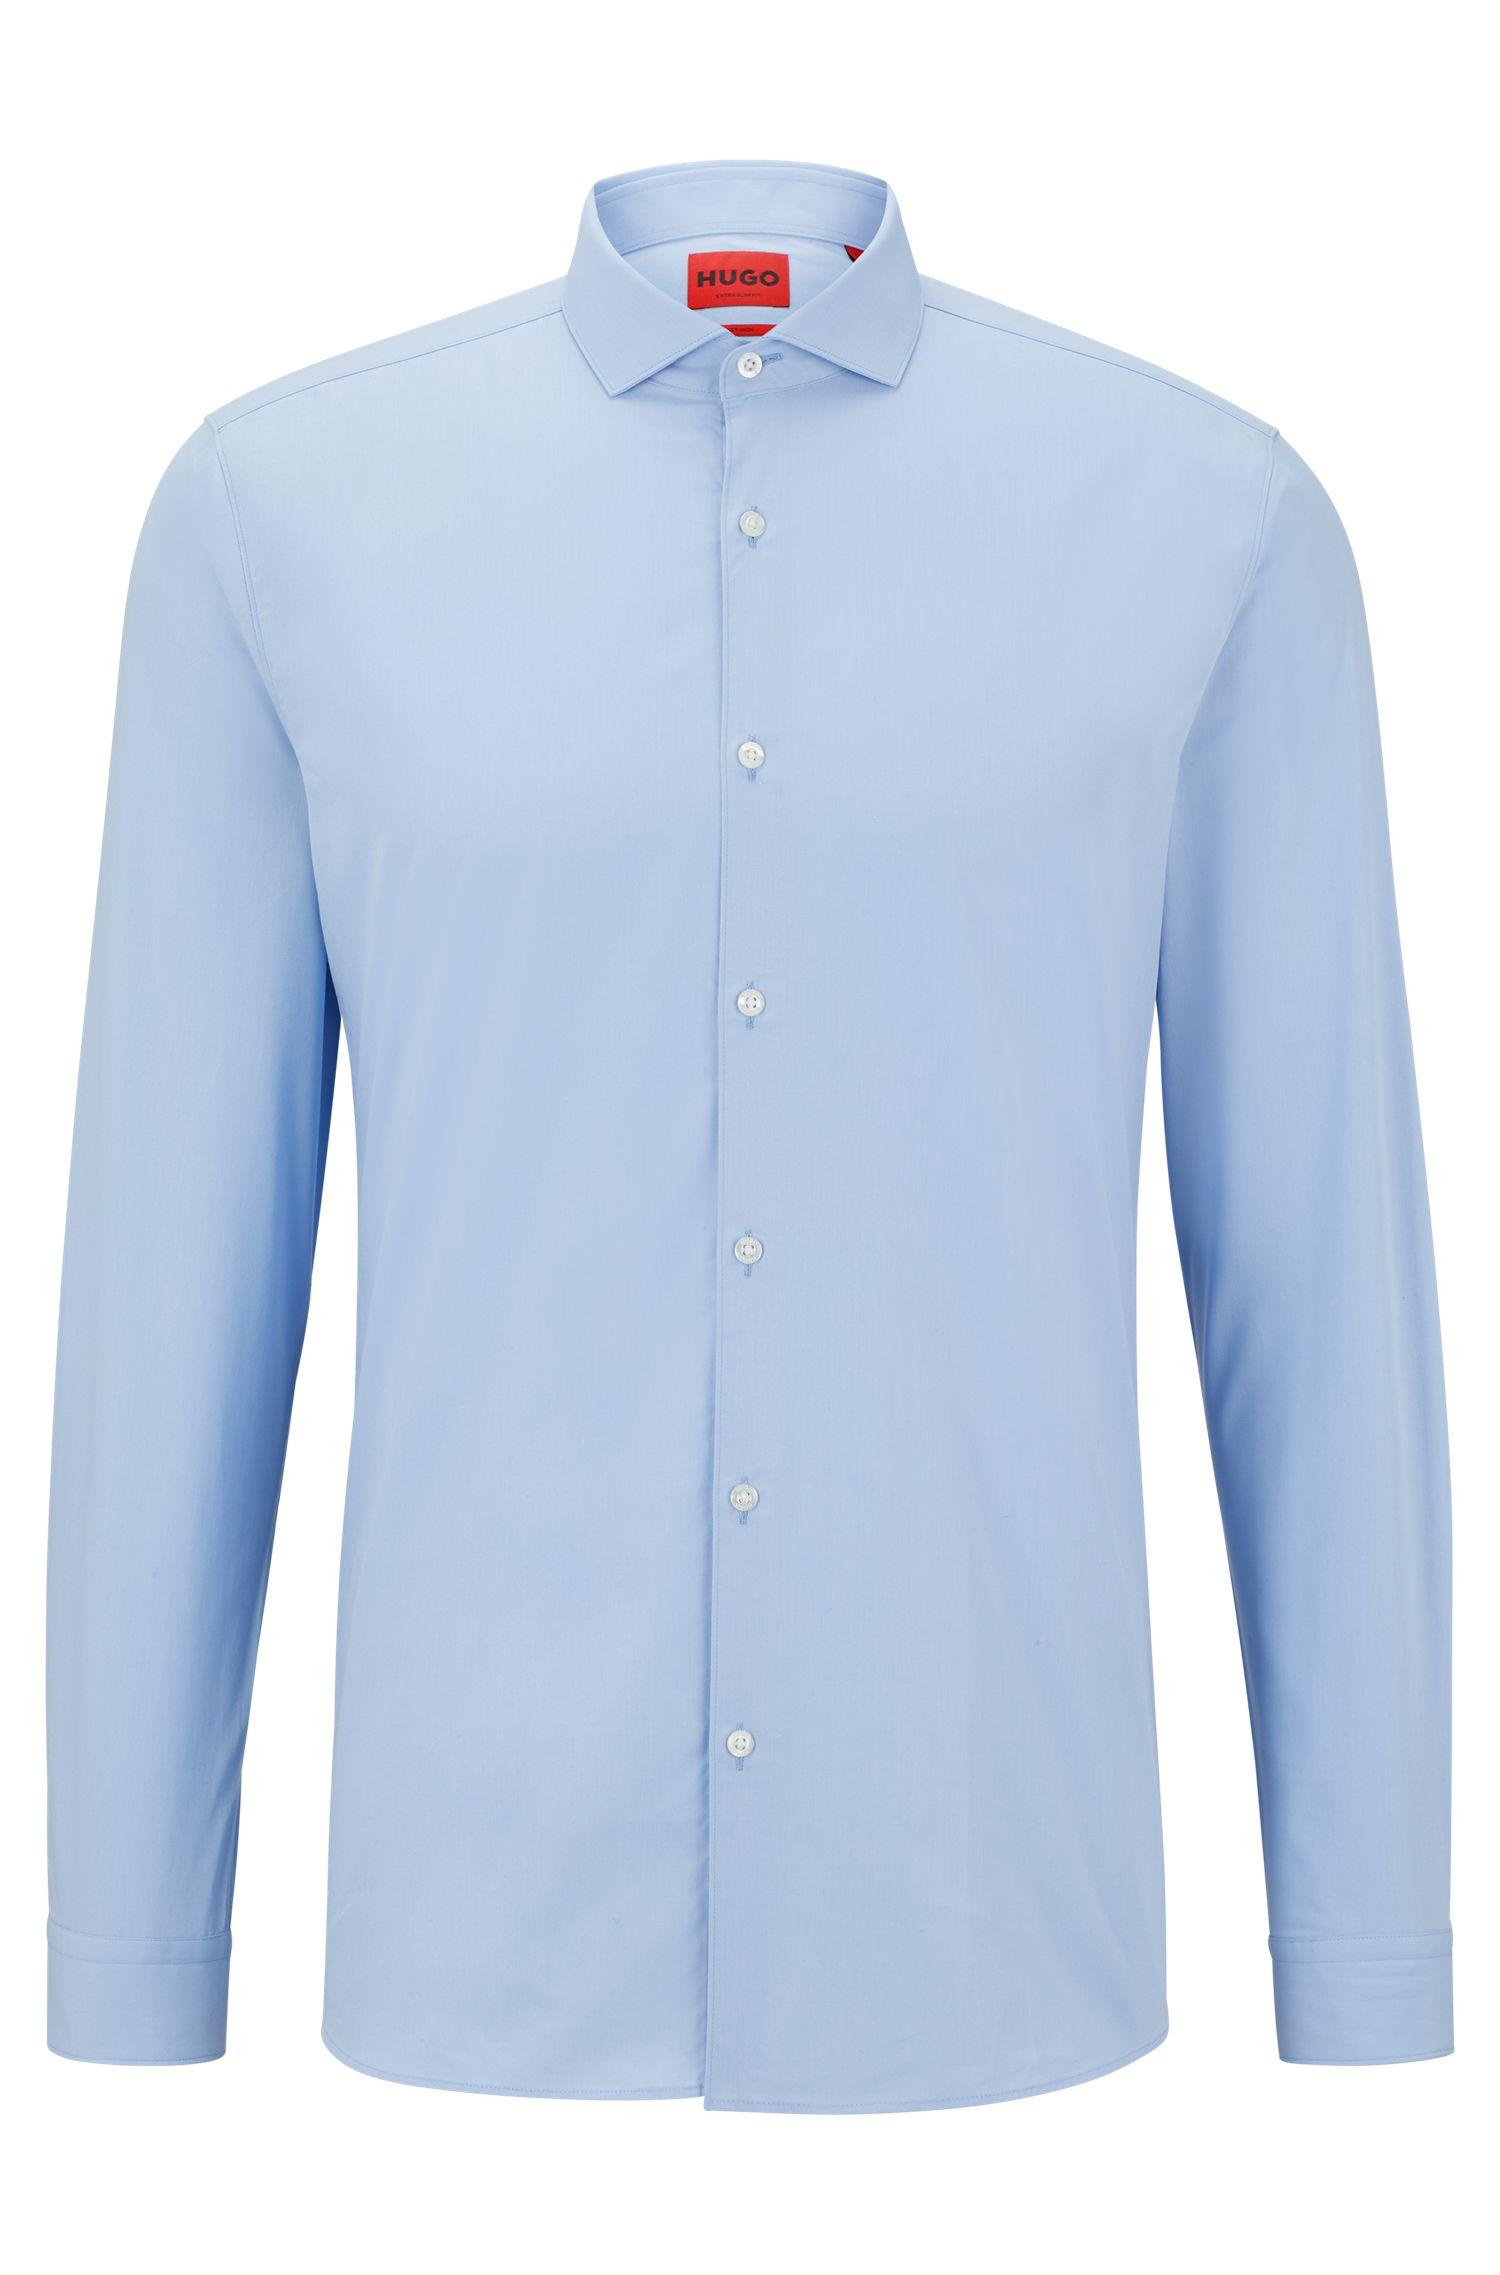 Extra Slim-Fit Hemd aus Baumwoll-Popeline, Hellblau